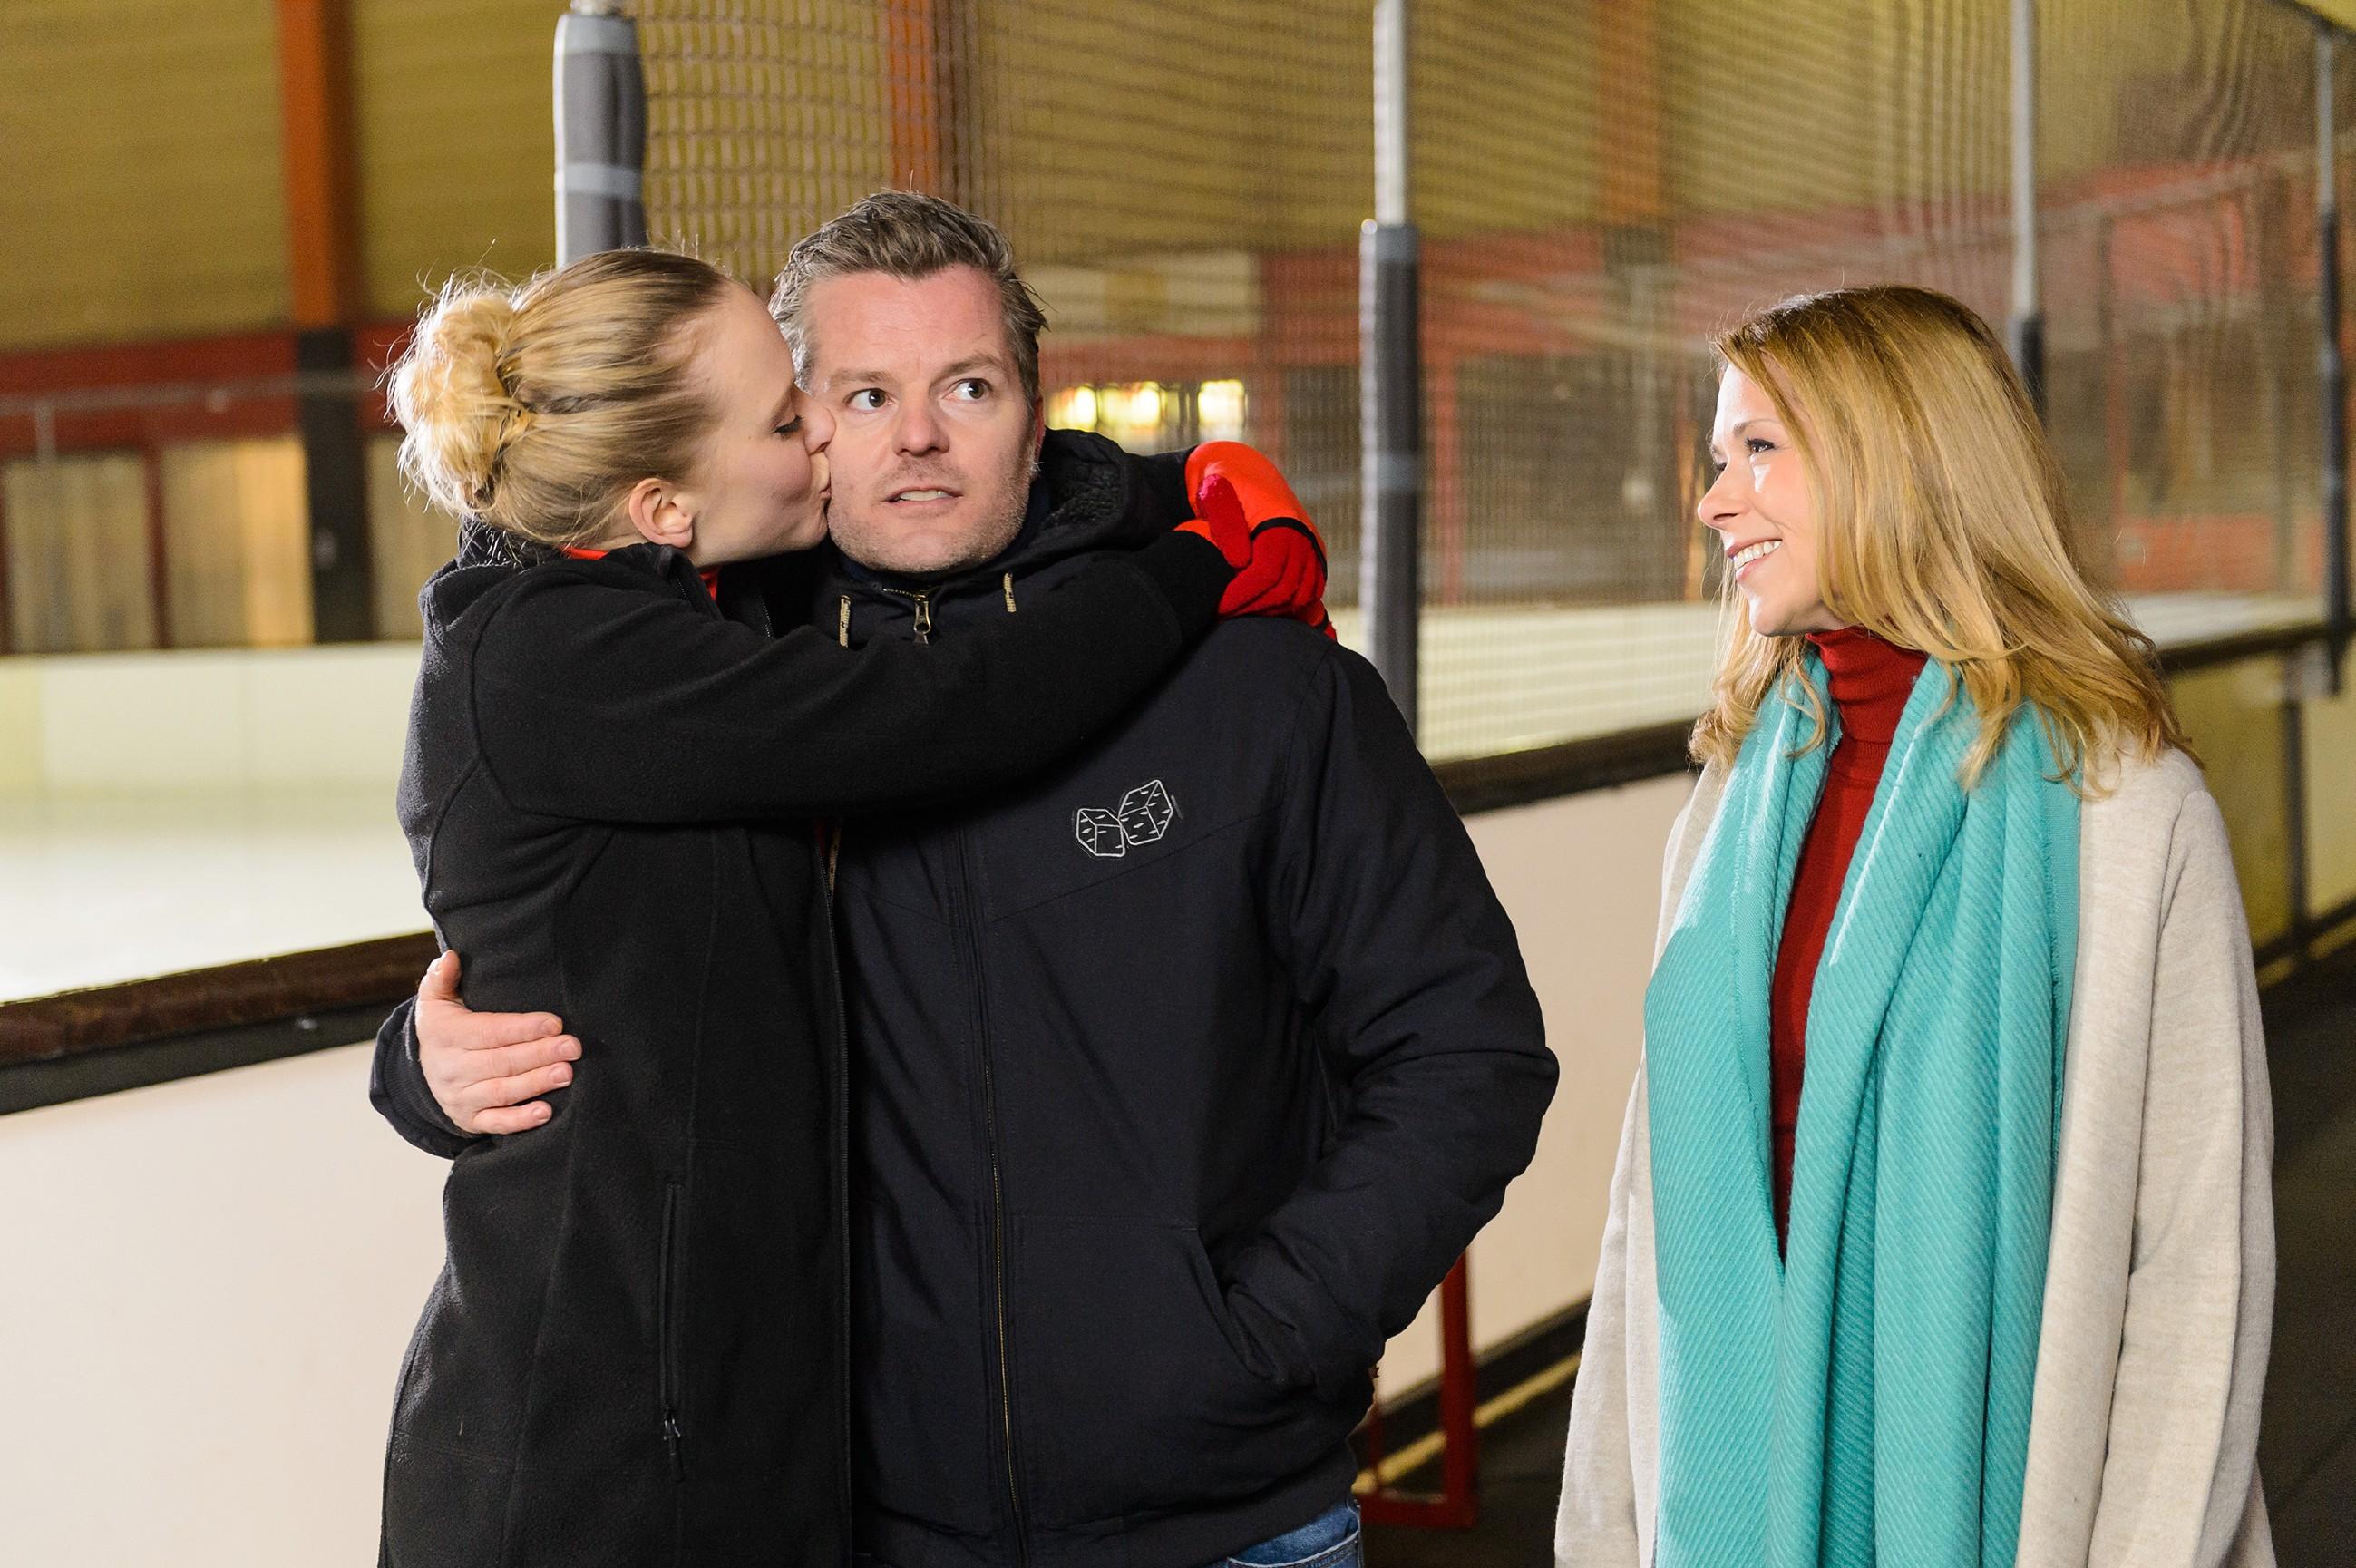 Marie (Judith Neumann, l.) freut sich sehr, dass Ingo (André Dietz) es geschafft hat, ihr Diana Sommer (Tanja Szewczenko) als neue Trainerin zu vermitteln. (Quelle: RTL / Willi Weber)